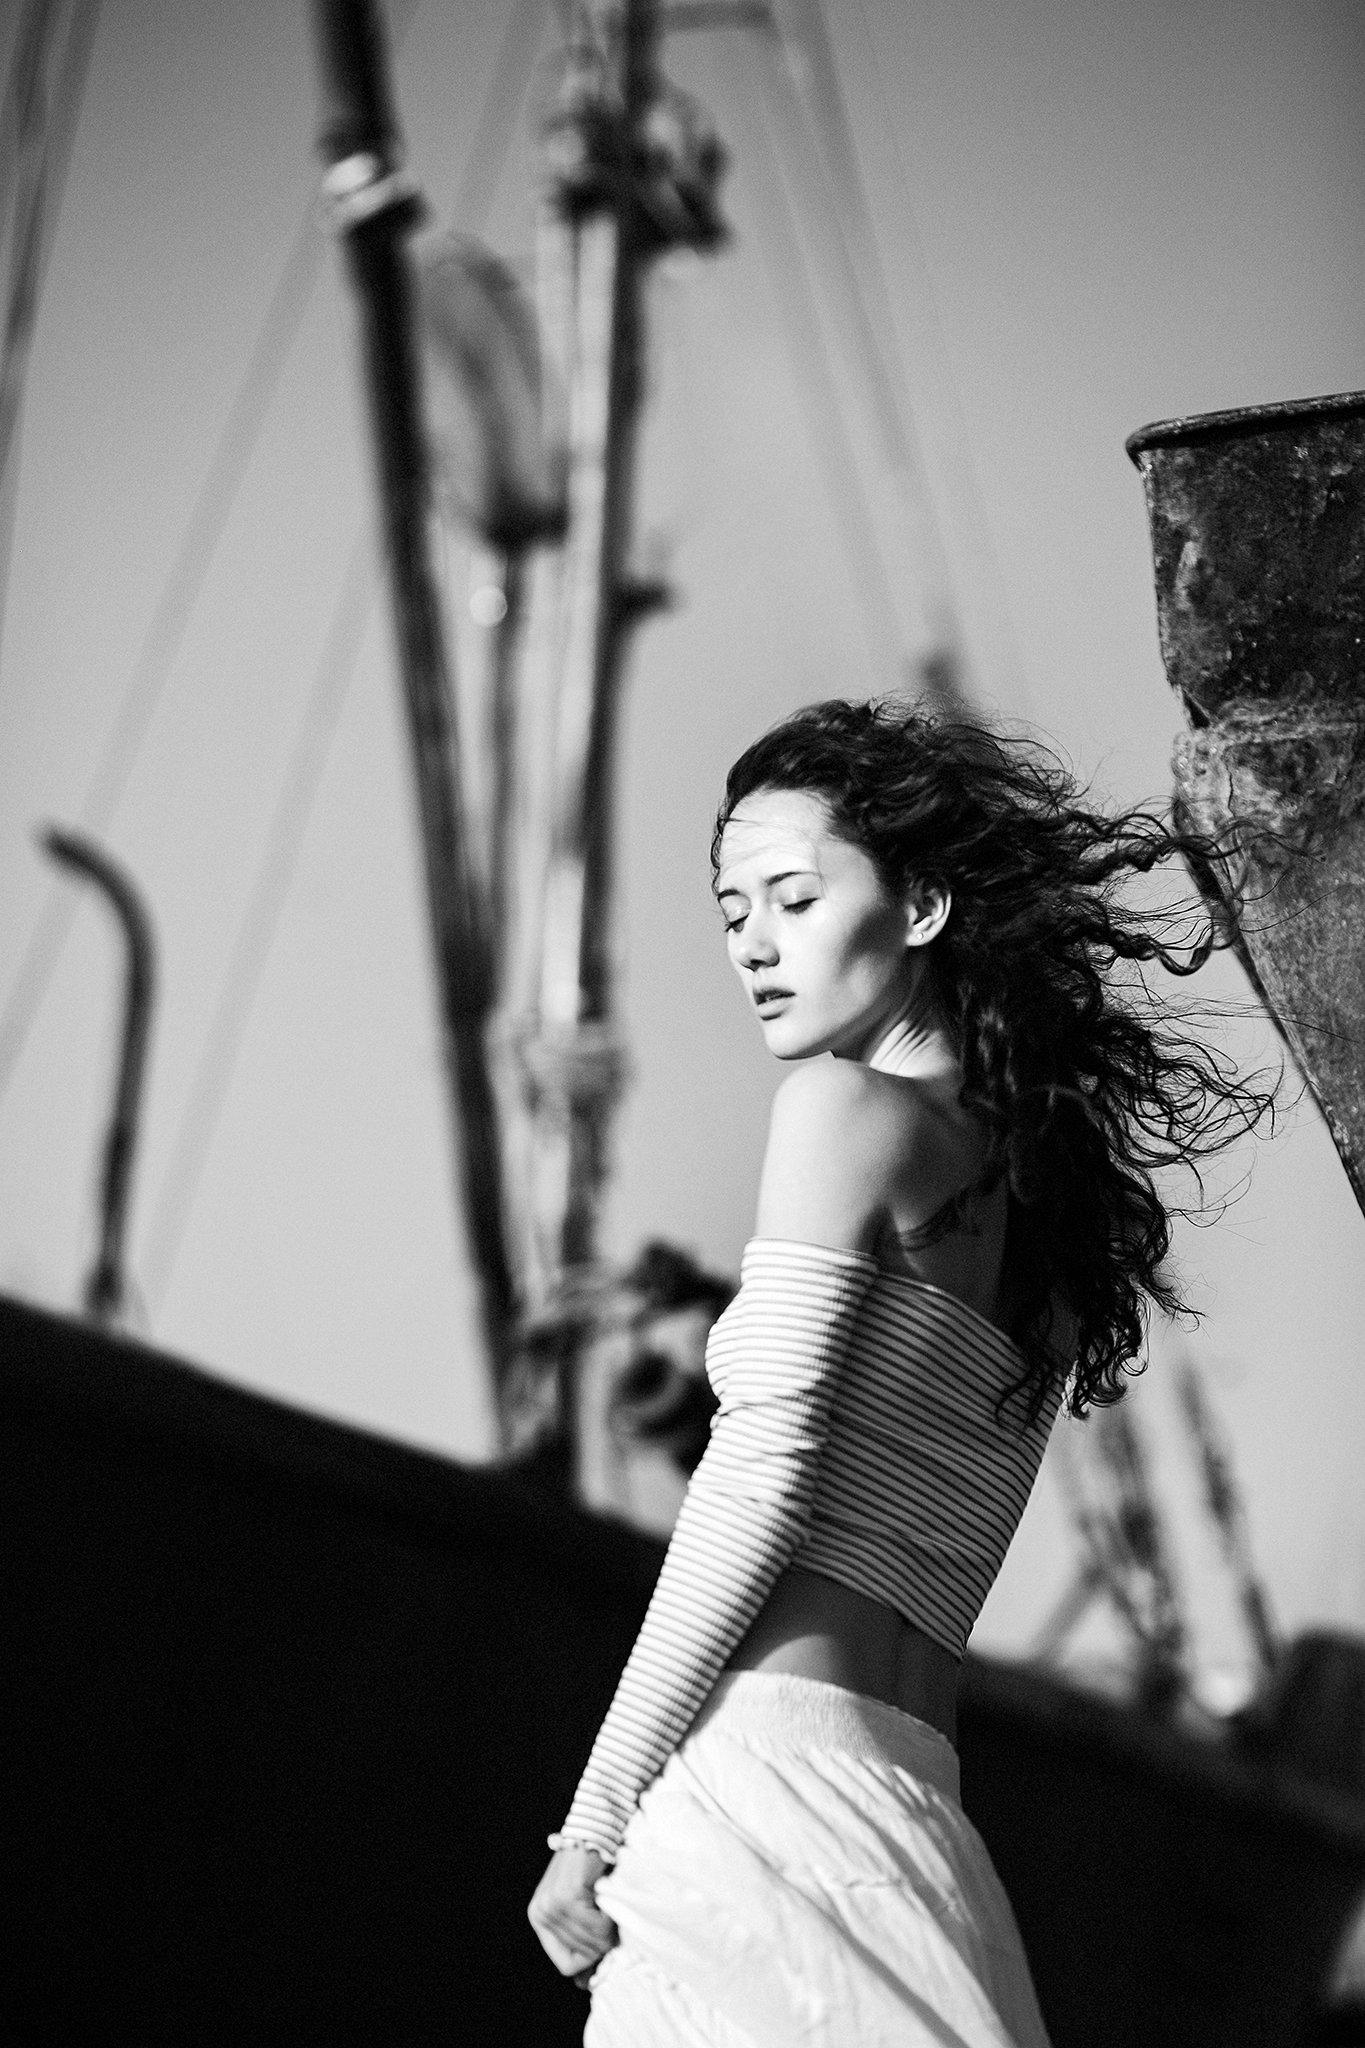 фото, портрет, девушка, море, ветер, Елена Daedra Алферова